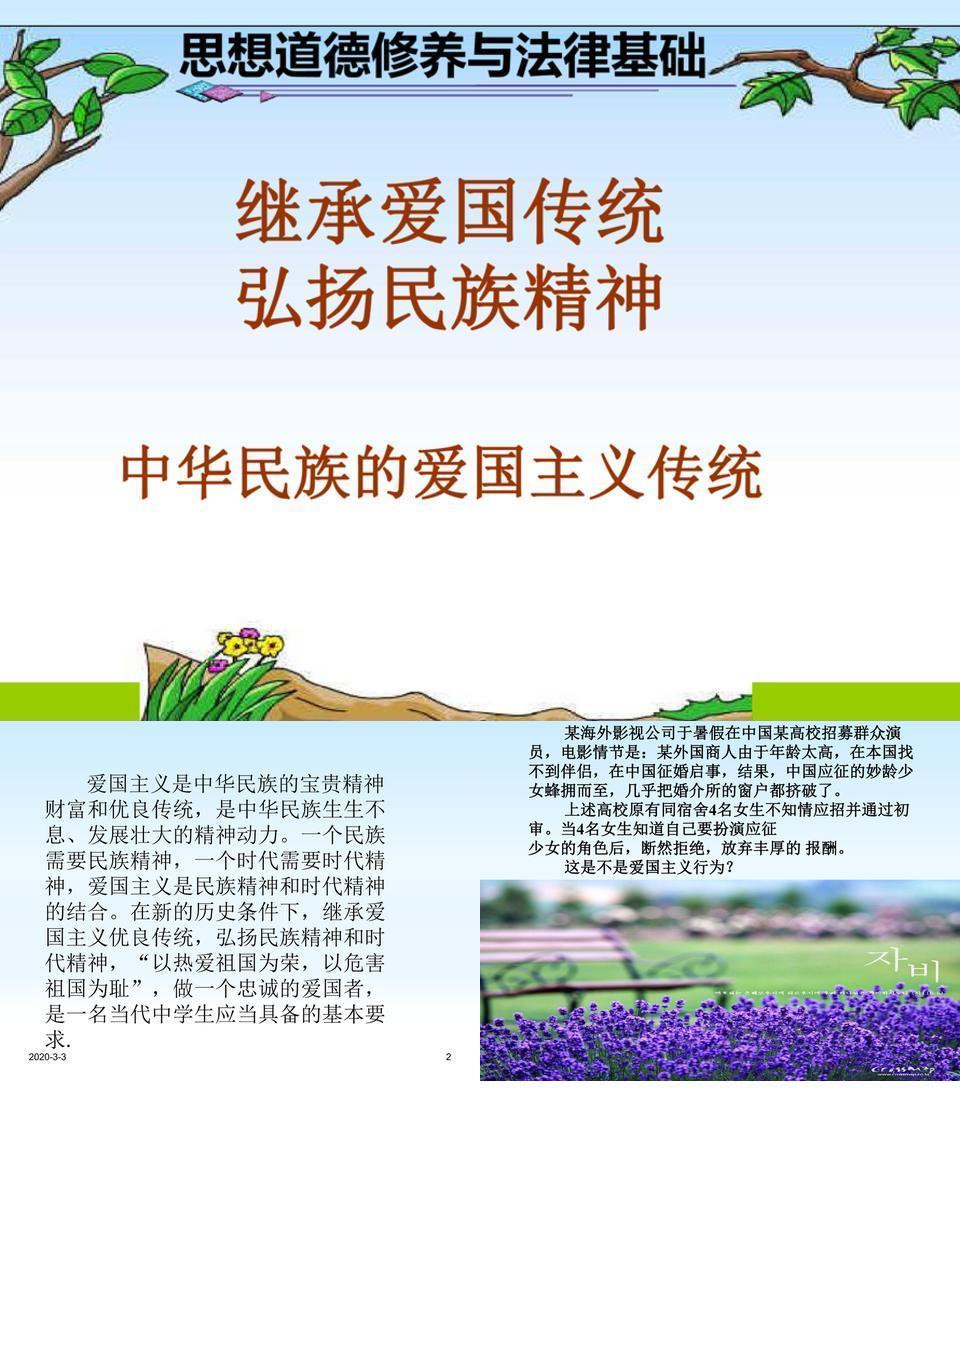 继承爱国传统_弘扬民族精神.ppt